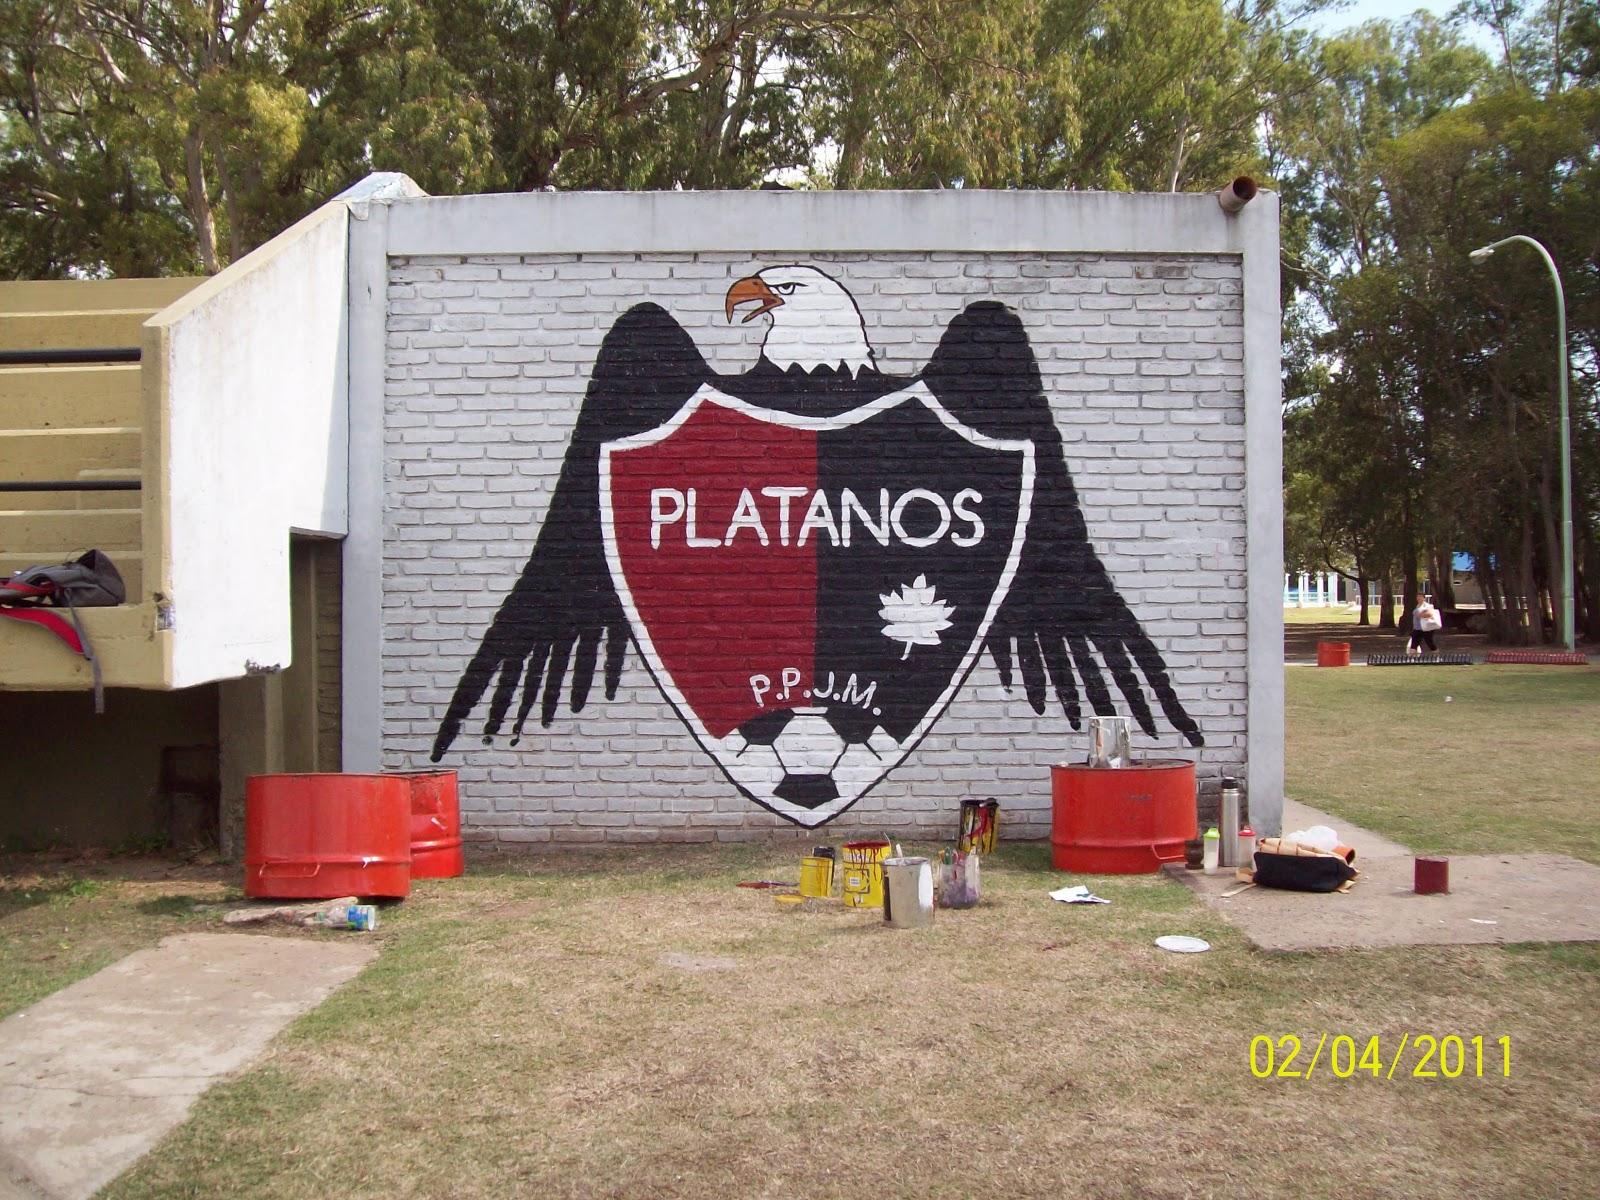 Club polideportivo platanos el nuevo mural de platanos for Club de suscriptores mural